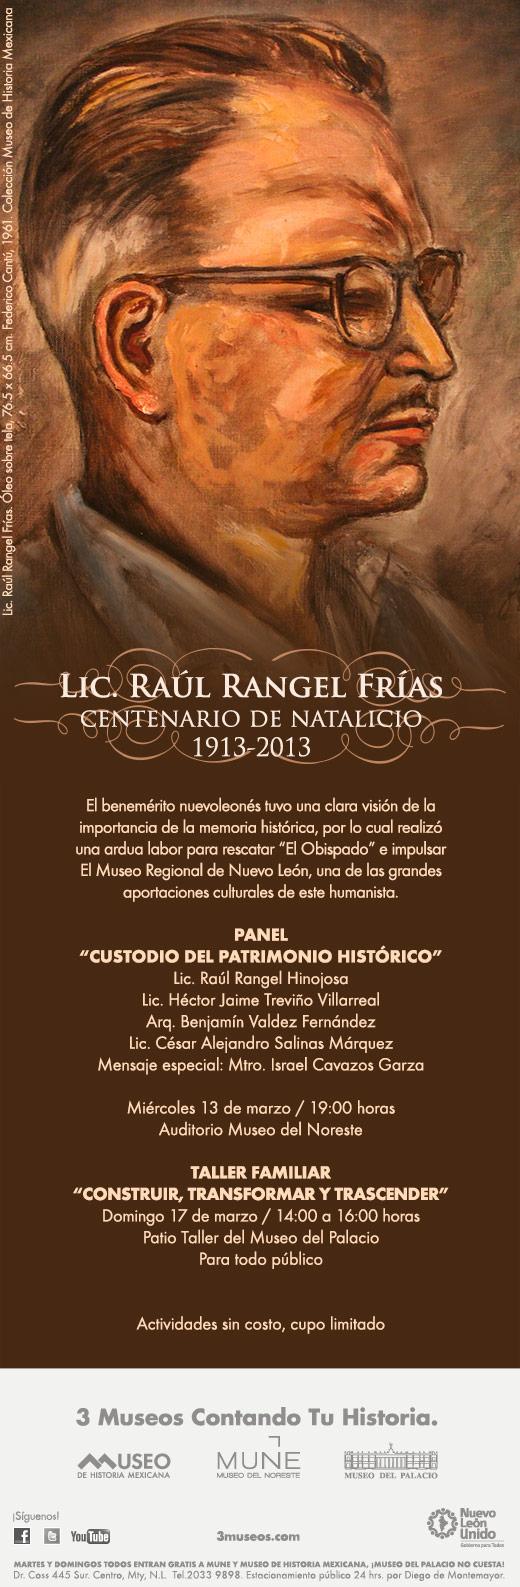 invitacion_rangel-frias